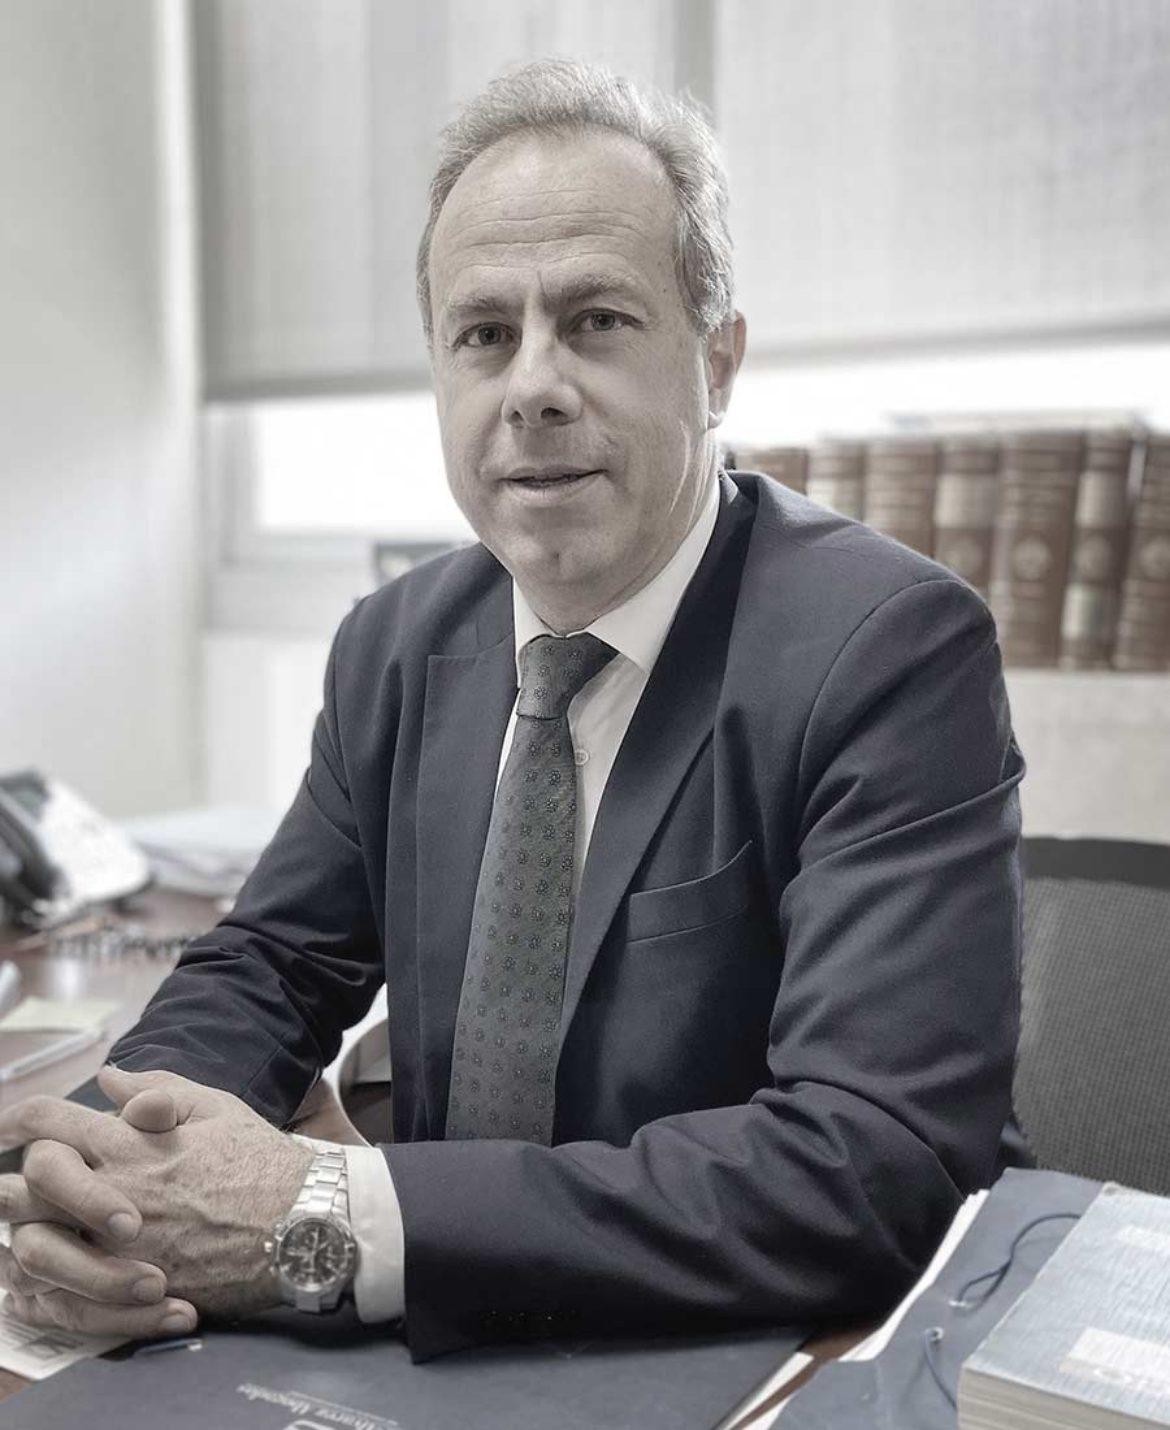 Eduardo Ochoa Maldonado